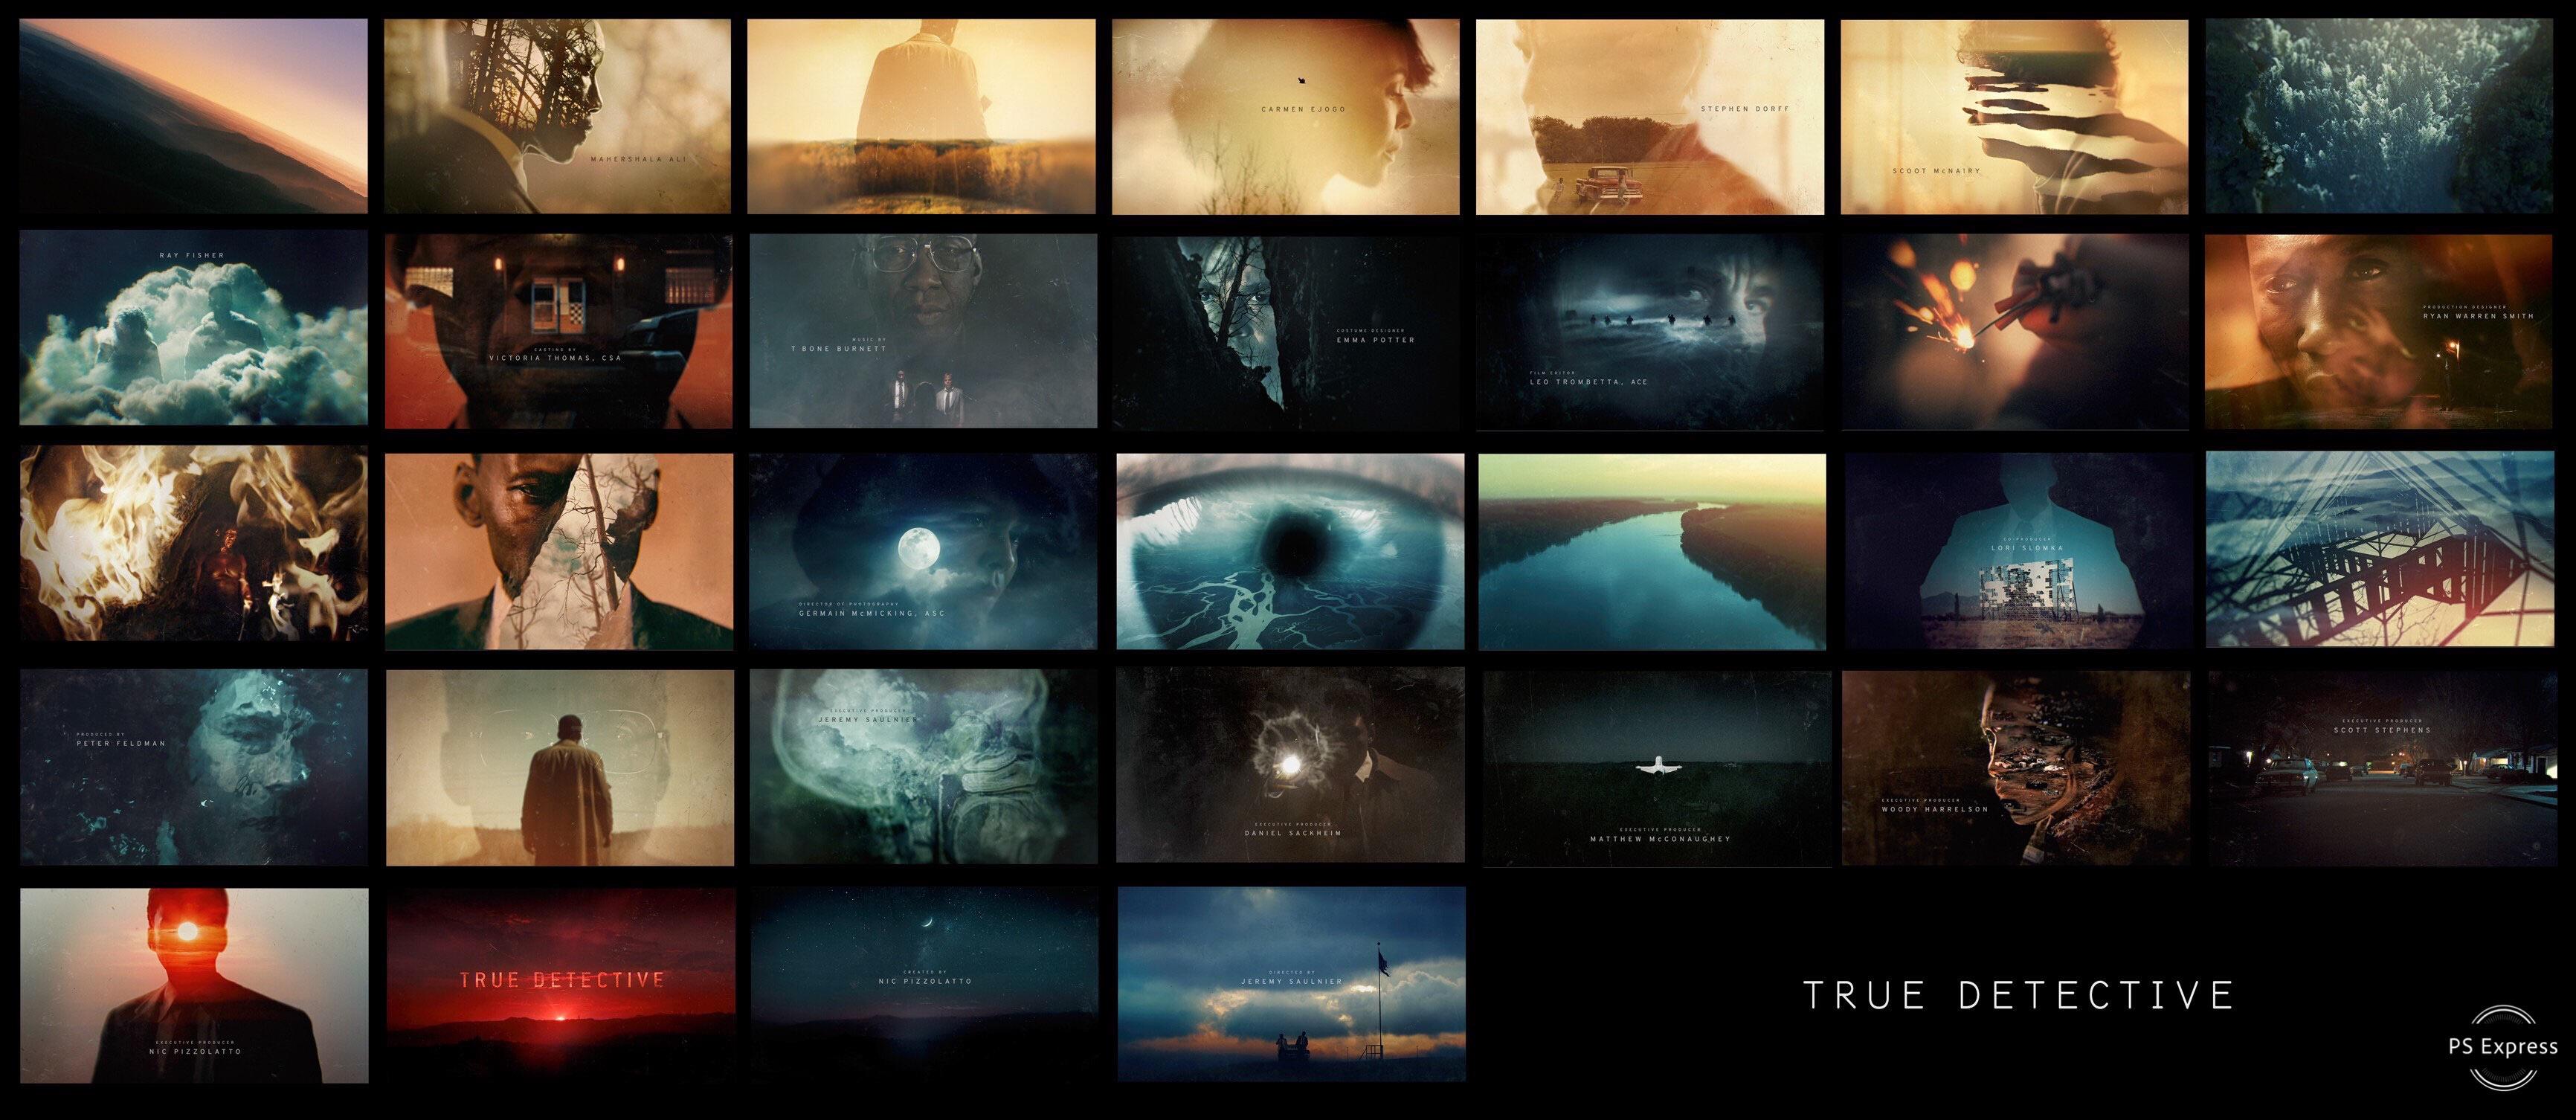 Vashi Frames Archives - Blog